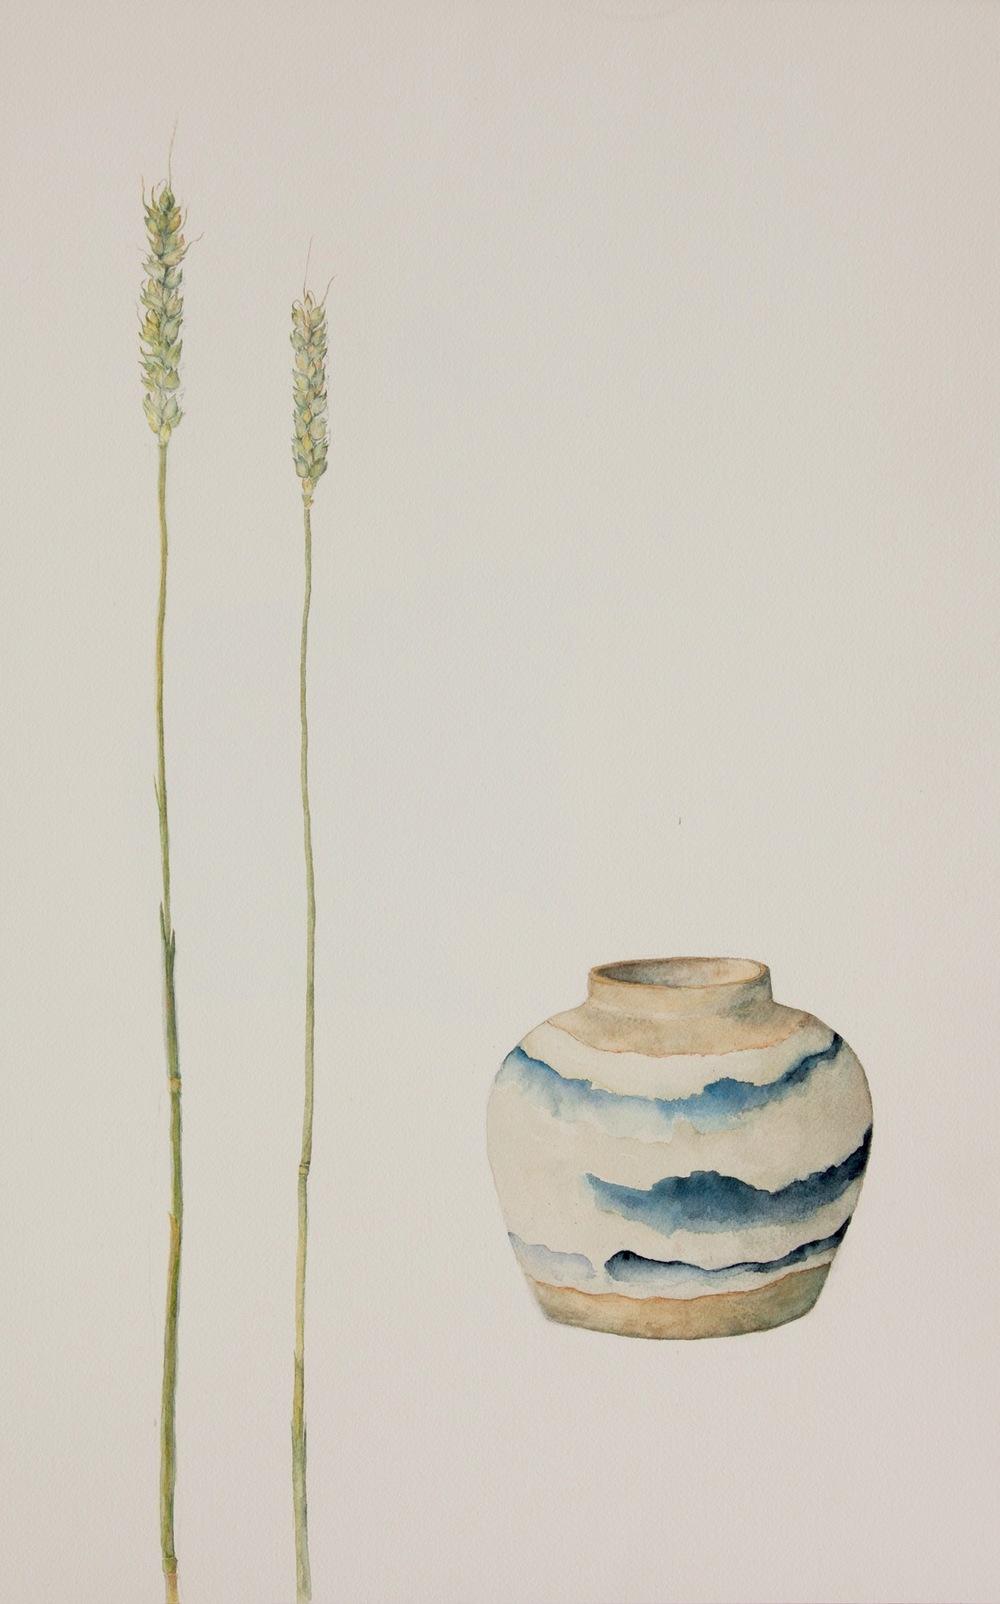 Lise-Lotte Nielsen - Kinesiska Krukan II 60x40 cm.